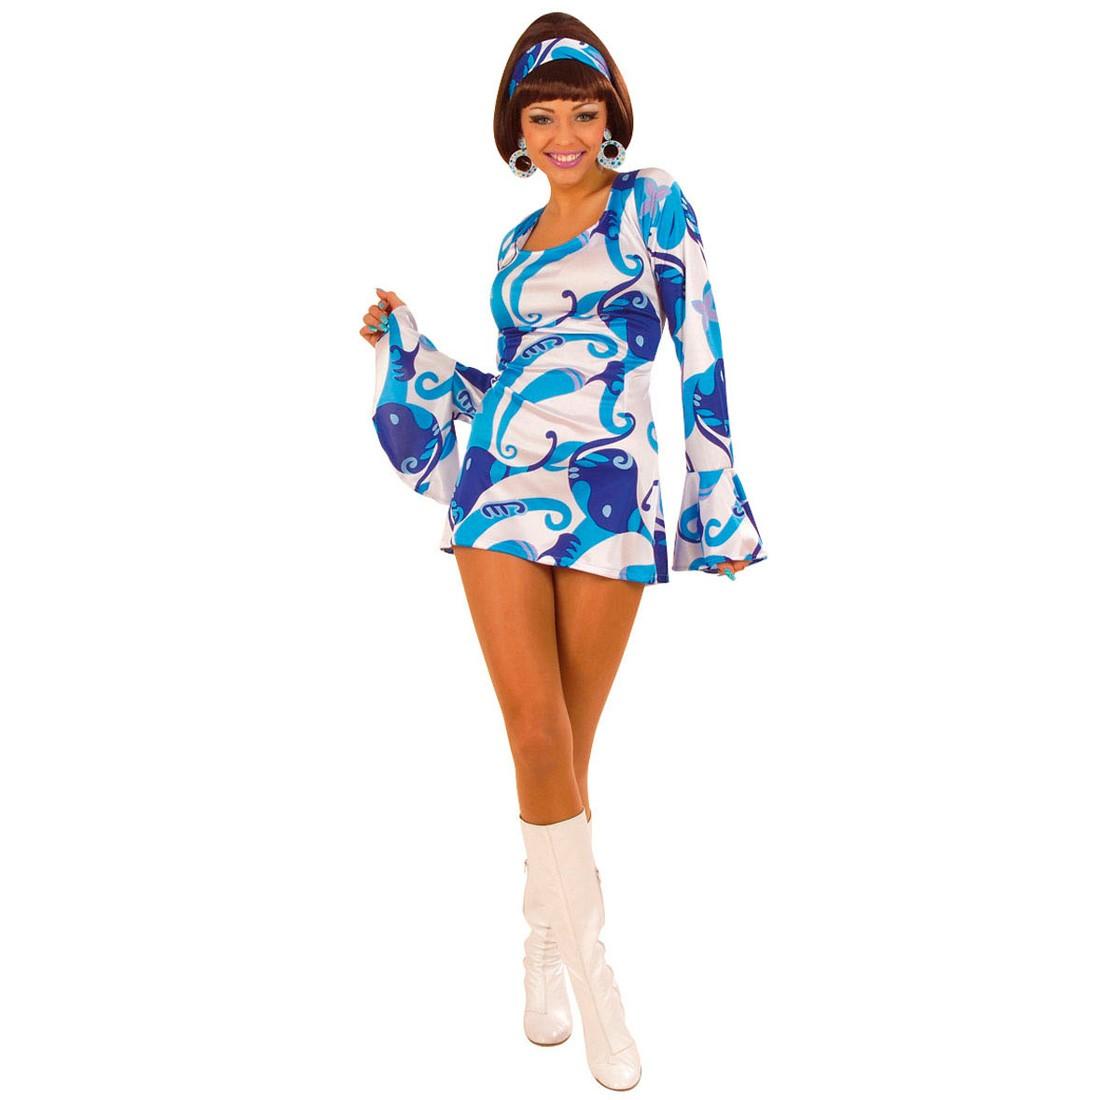 70er Jahre Damen Party Kleid blau Kostüm Gr L, 22,99 €